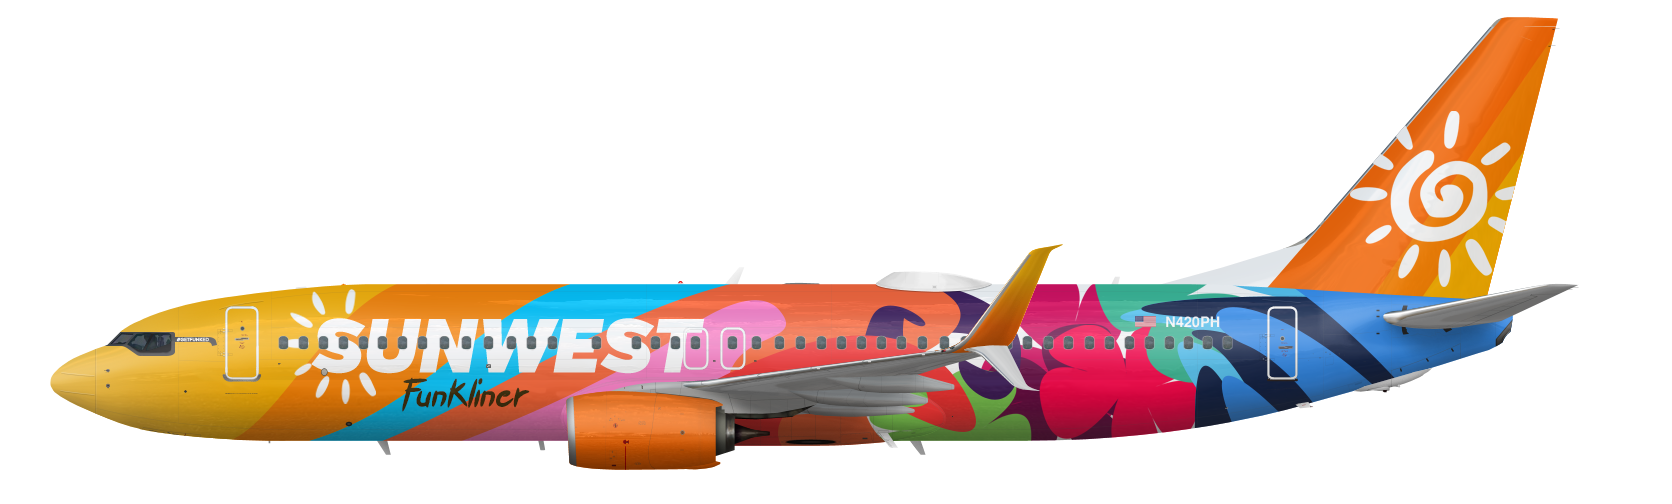 Boeing 737-800 Funkliner